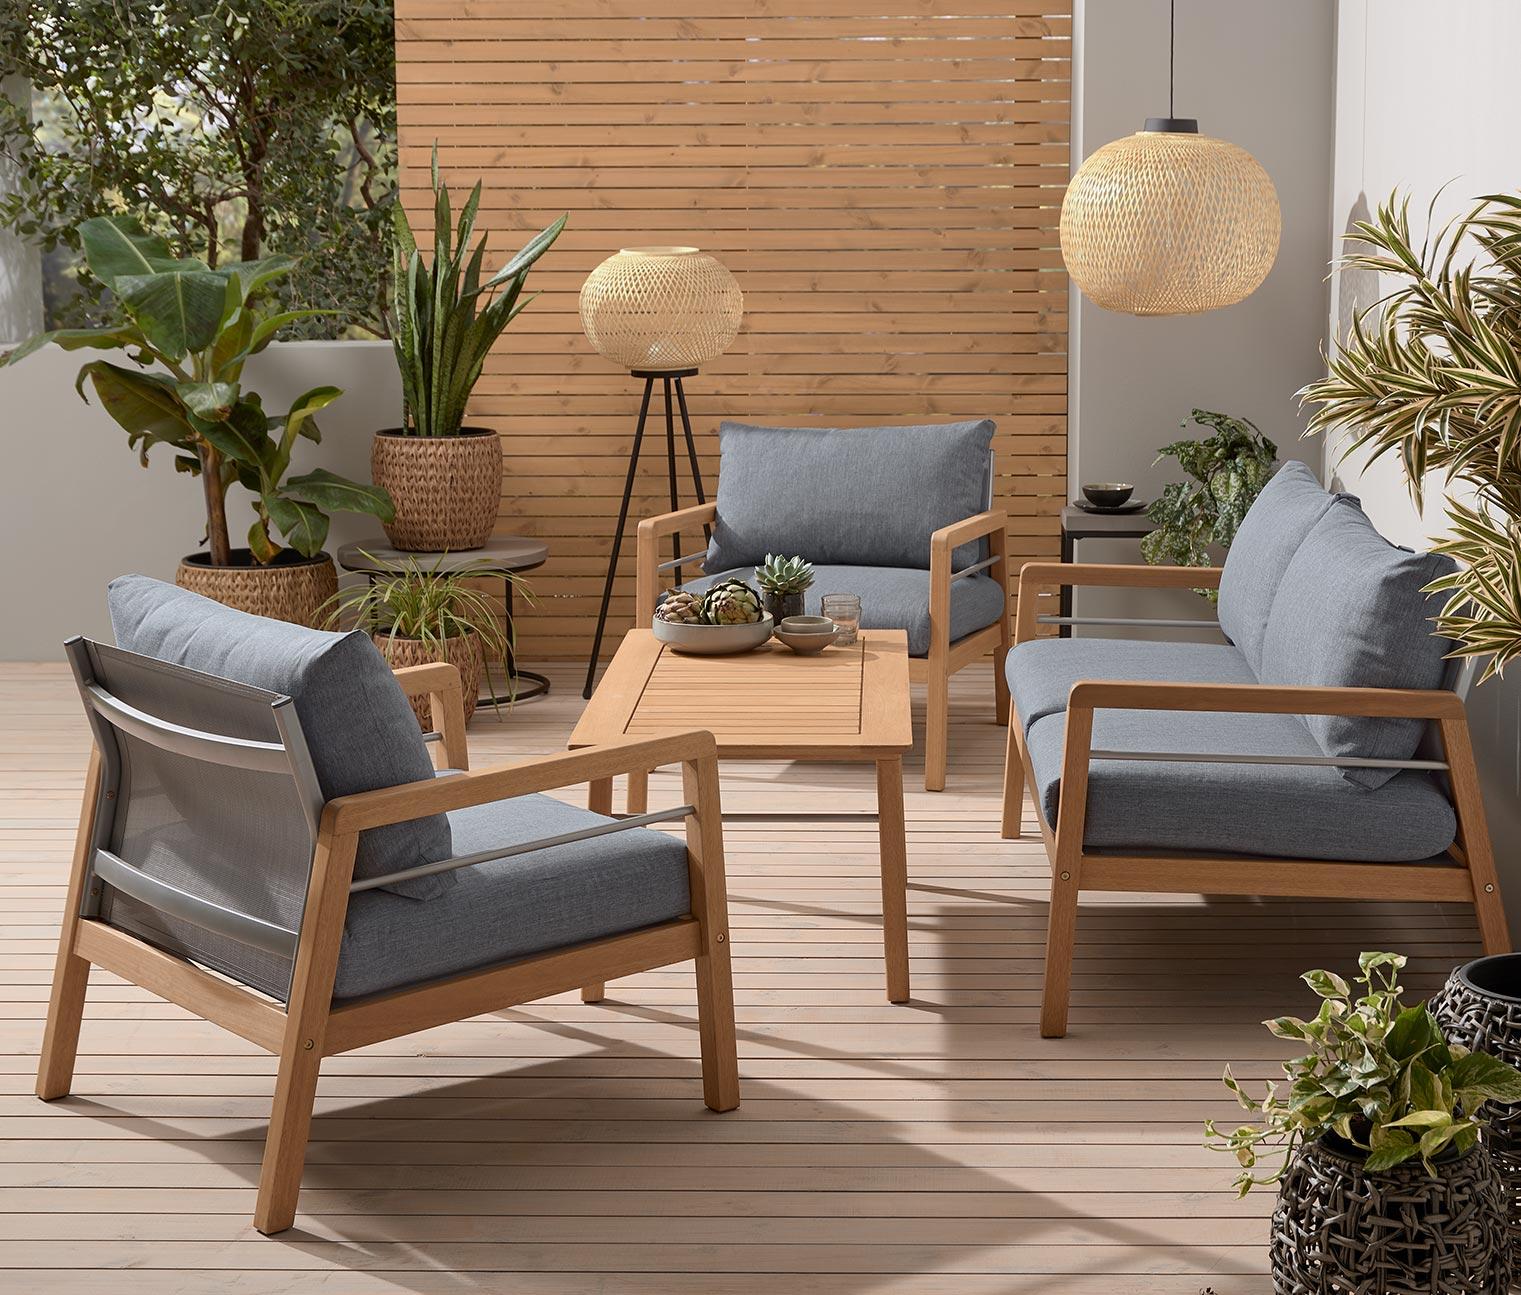 Full Size of Gartensofa Tchibo Rattan Gartenmbel Set Preisvergleich Besten Angebote Online Wohnzimmer Gartensofa Tchibo